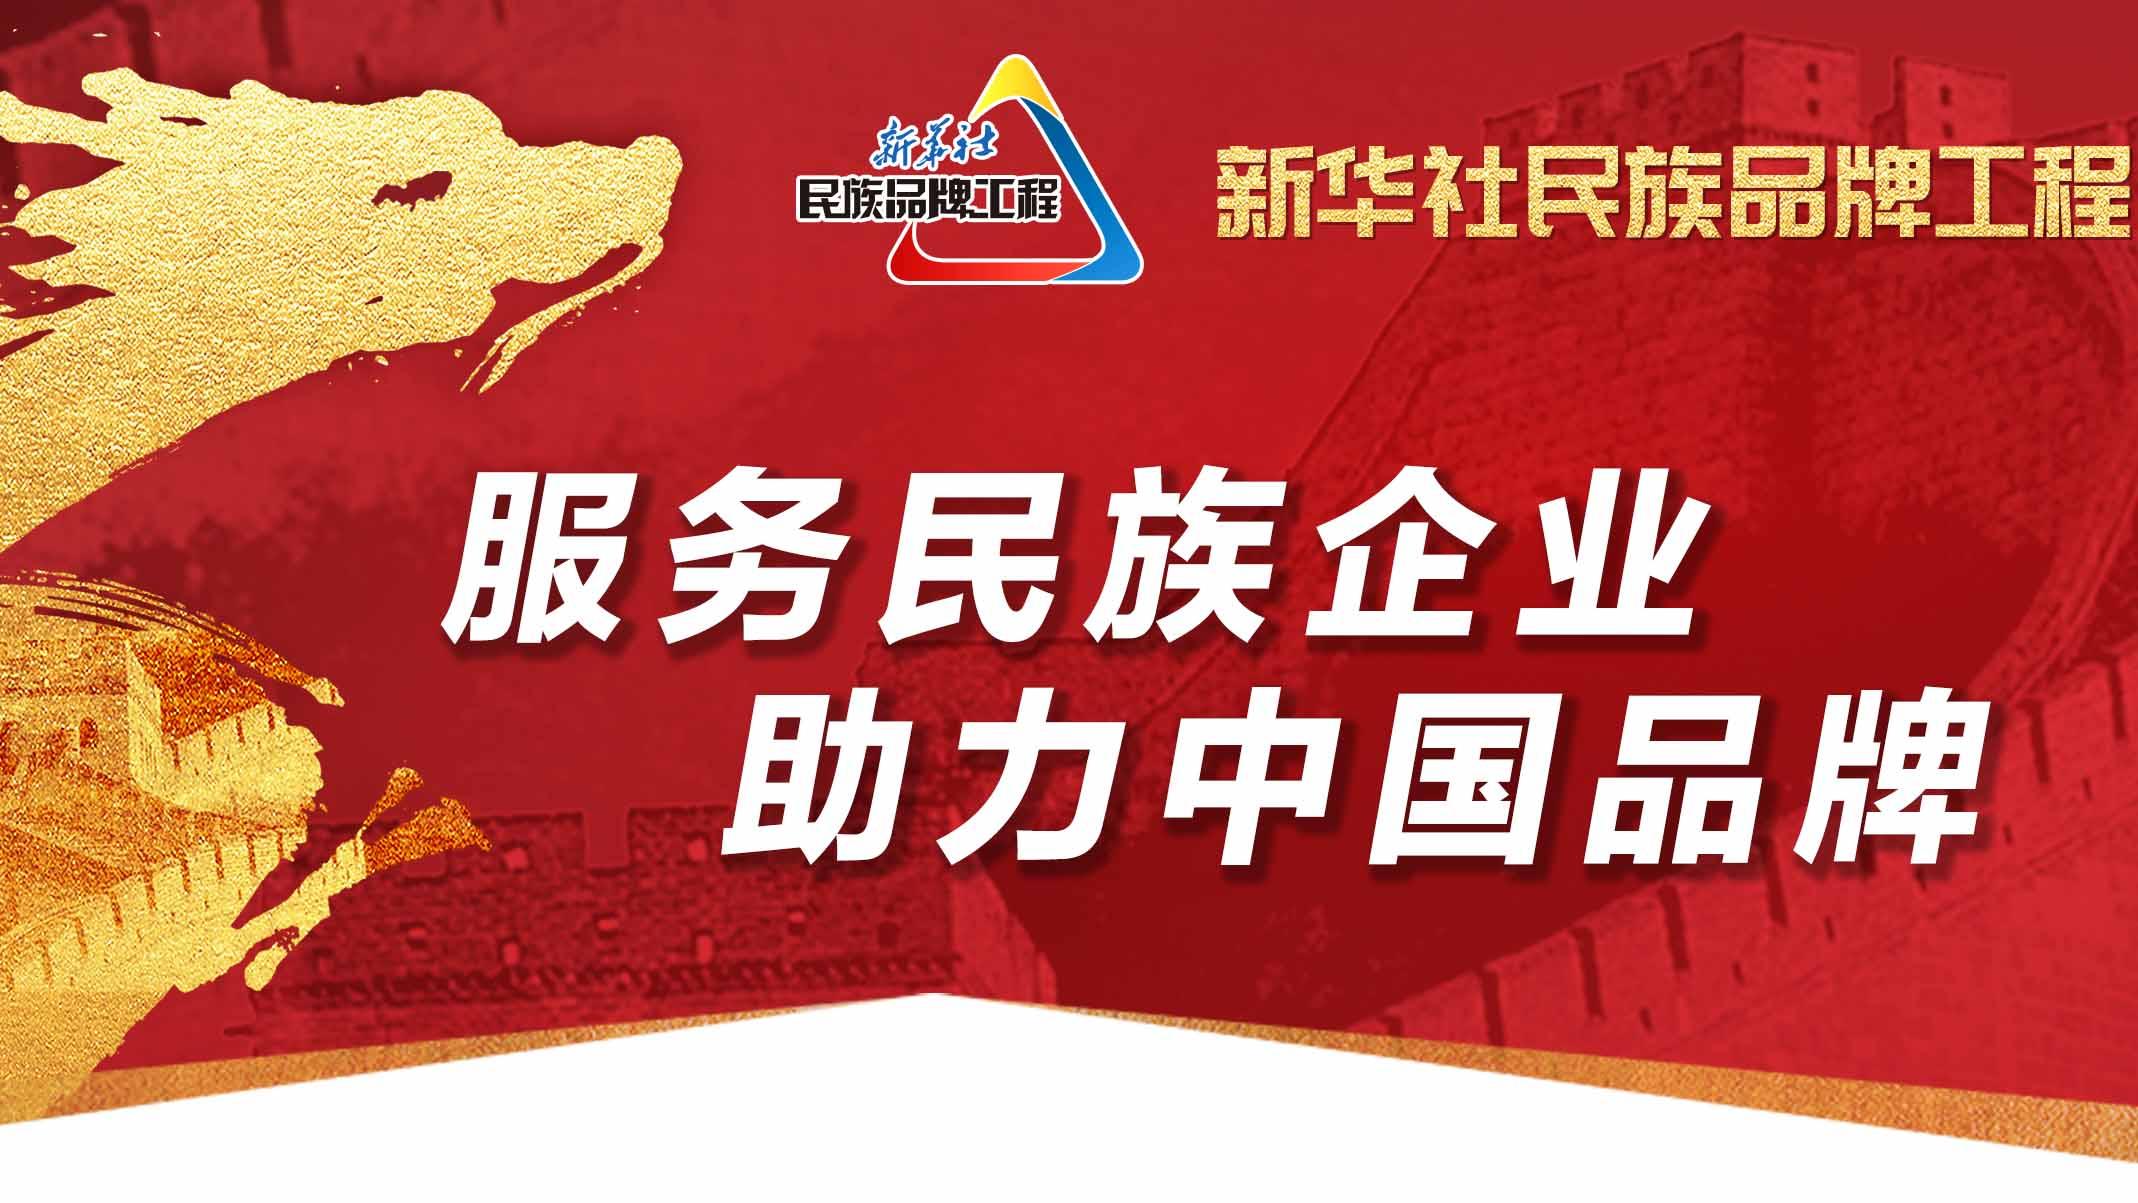 新華社民族品牌工程